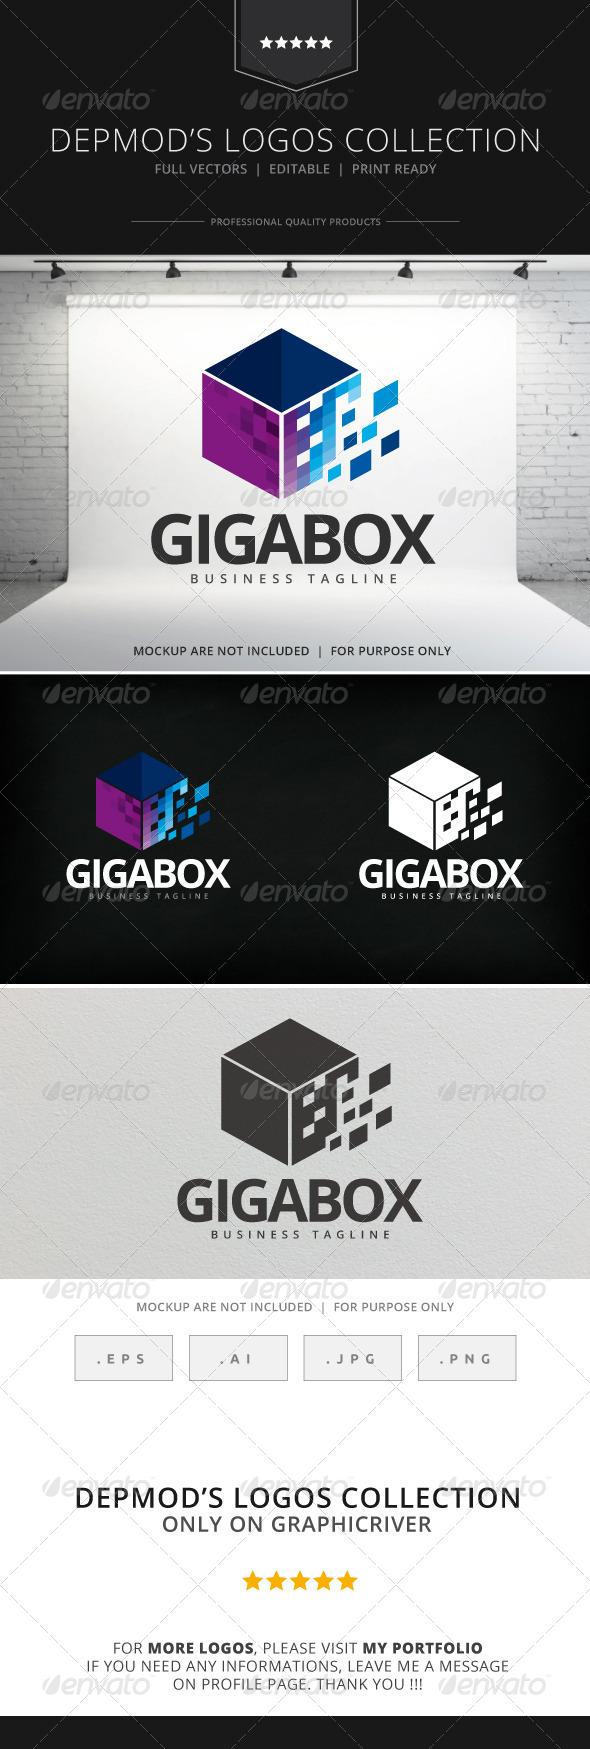 GraphicRiver Gigabox Logo 8026851